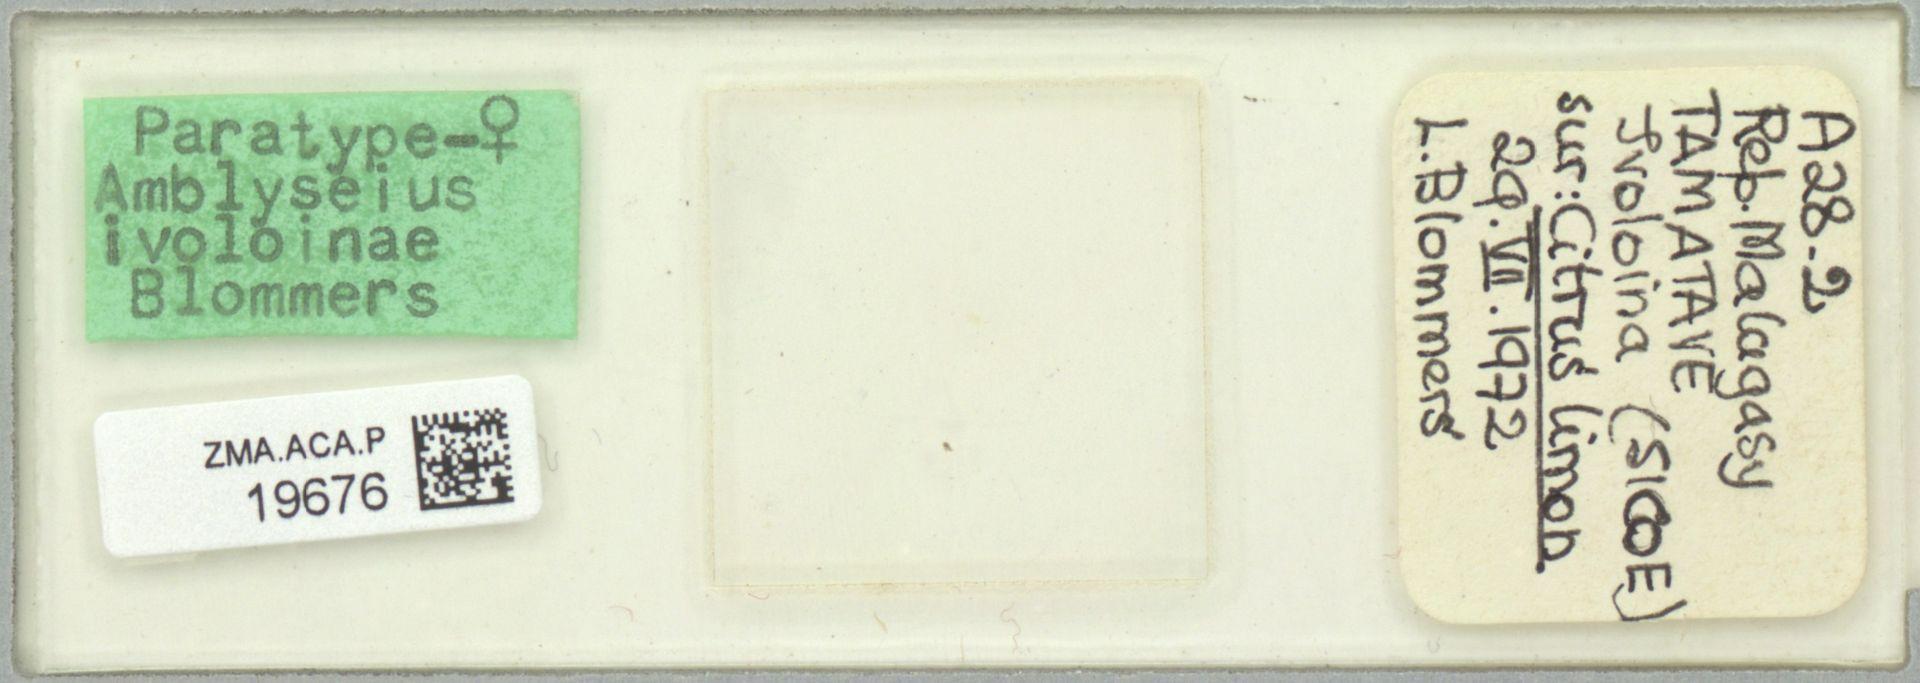 ZMA.ACA.P.19676 | Amblyseius ivoloinae Blommers